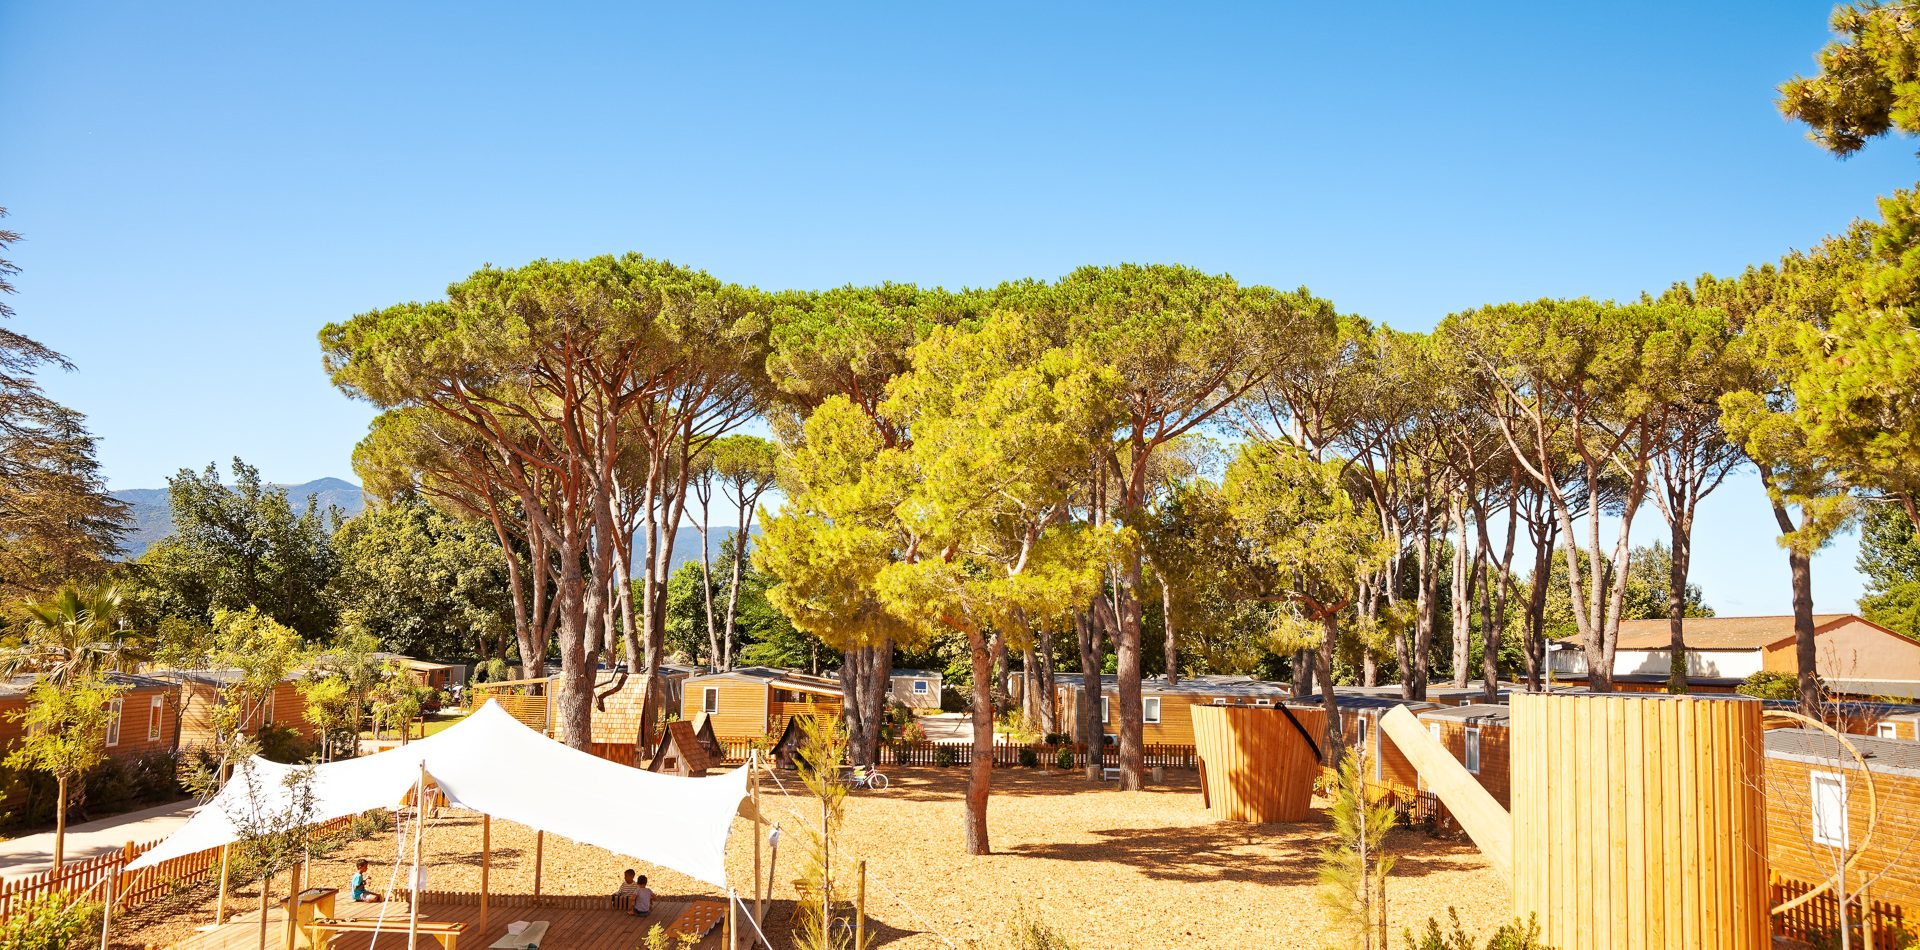 le dauphin - argeles - jardin d'olivia